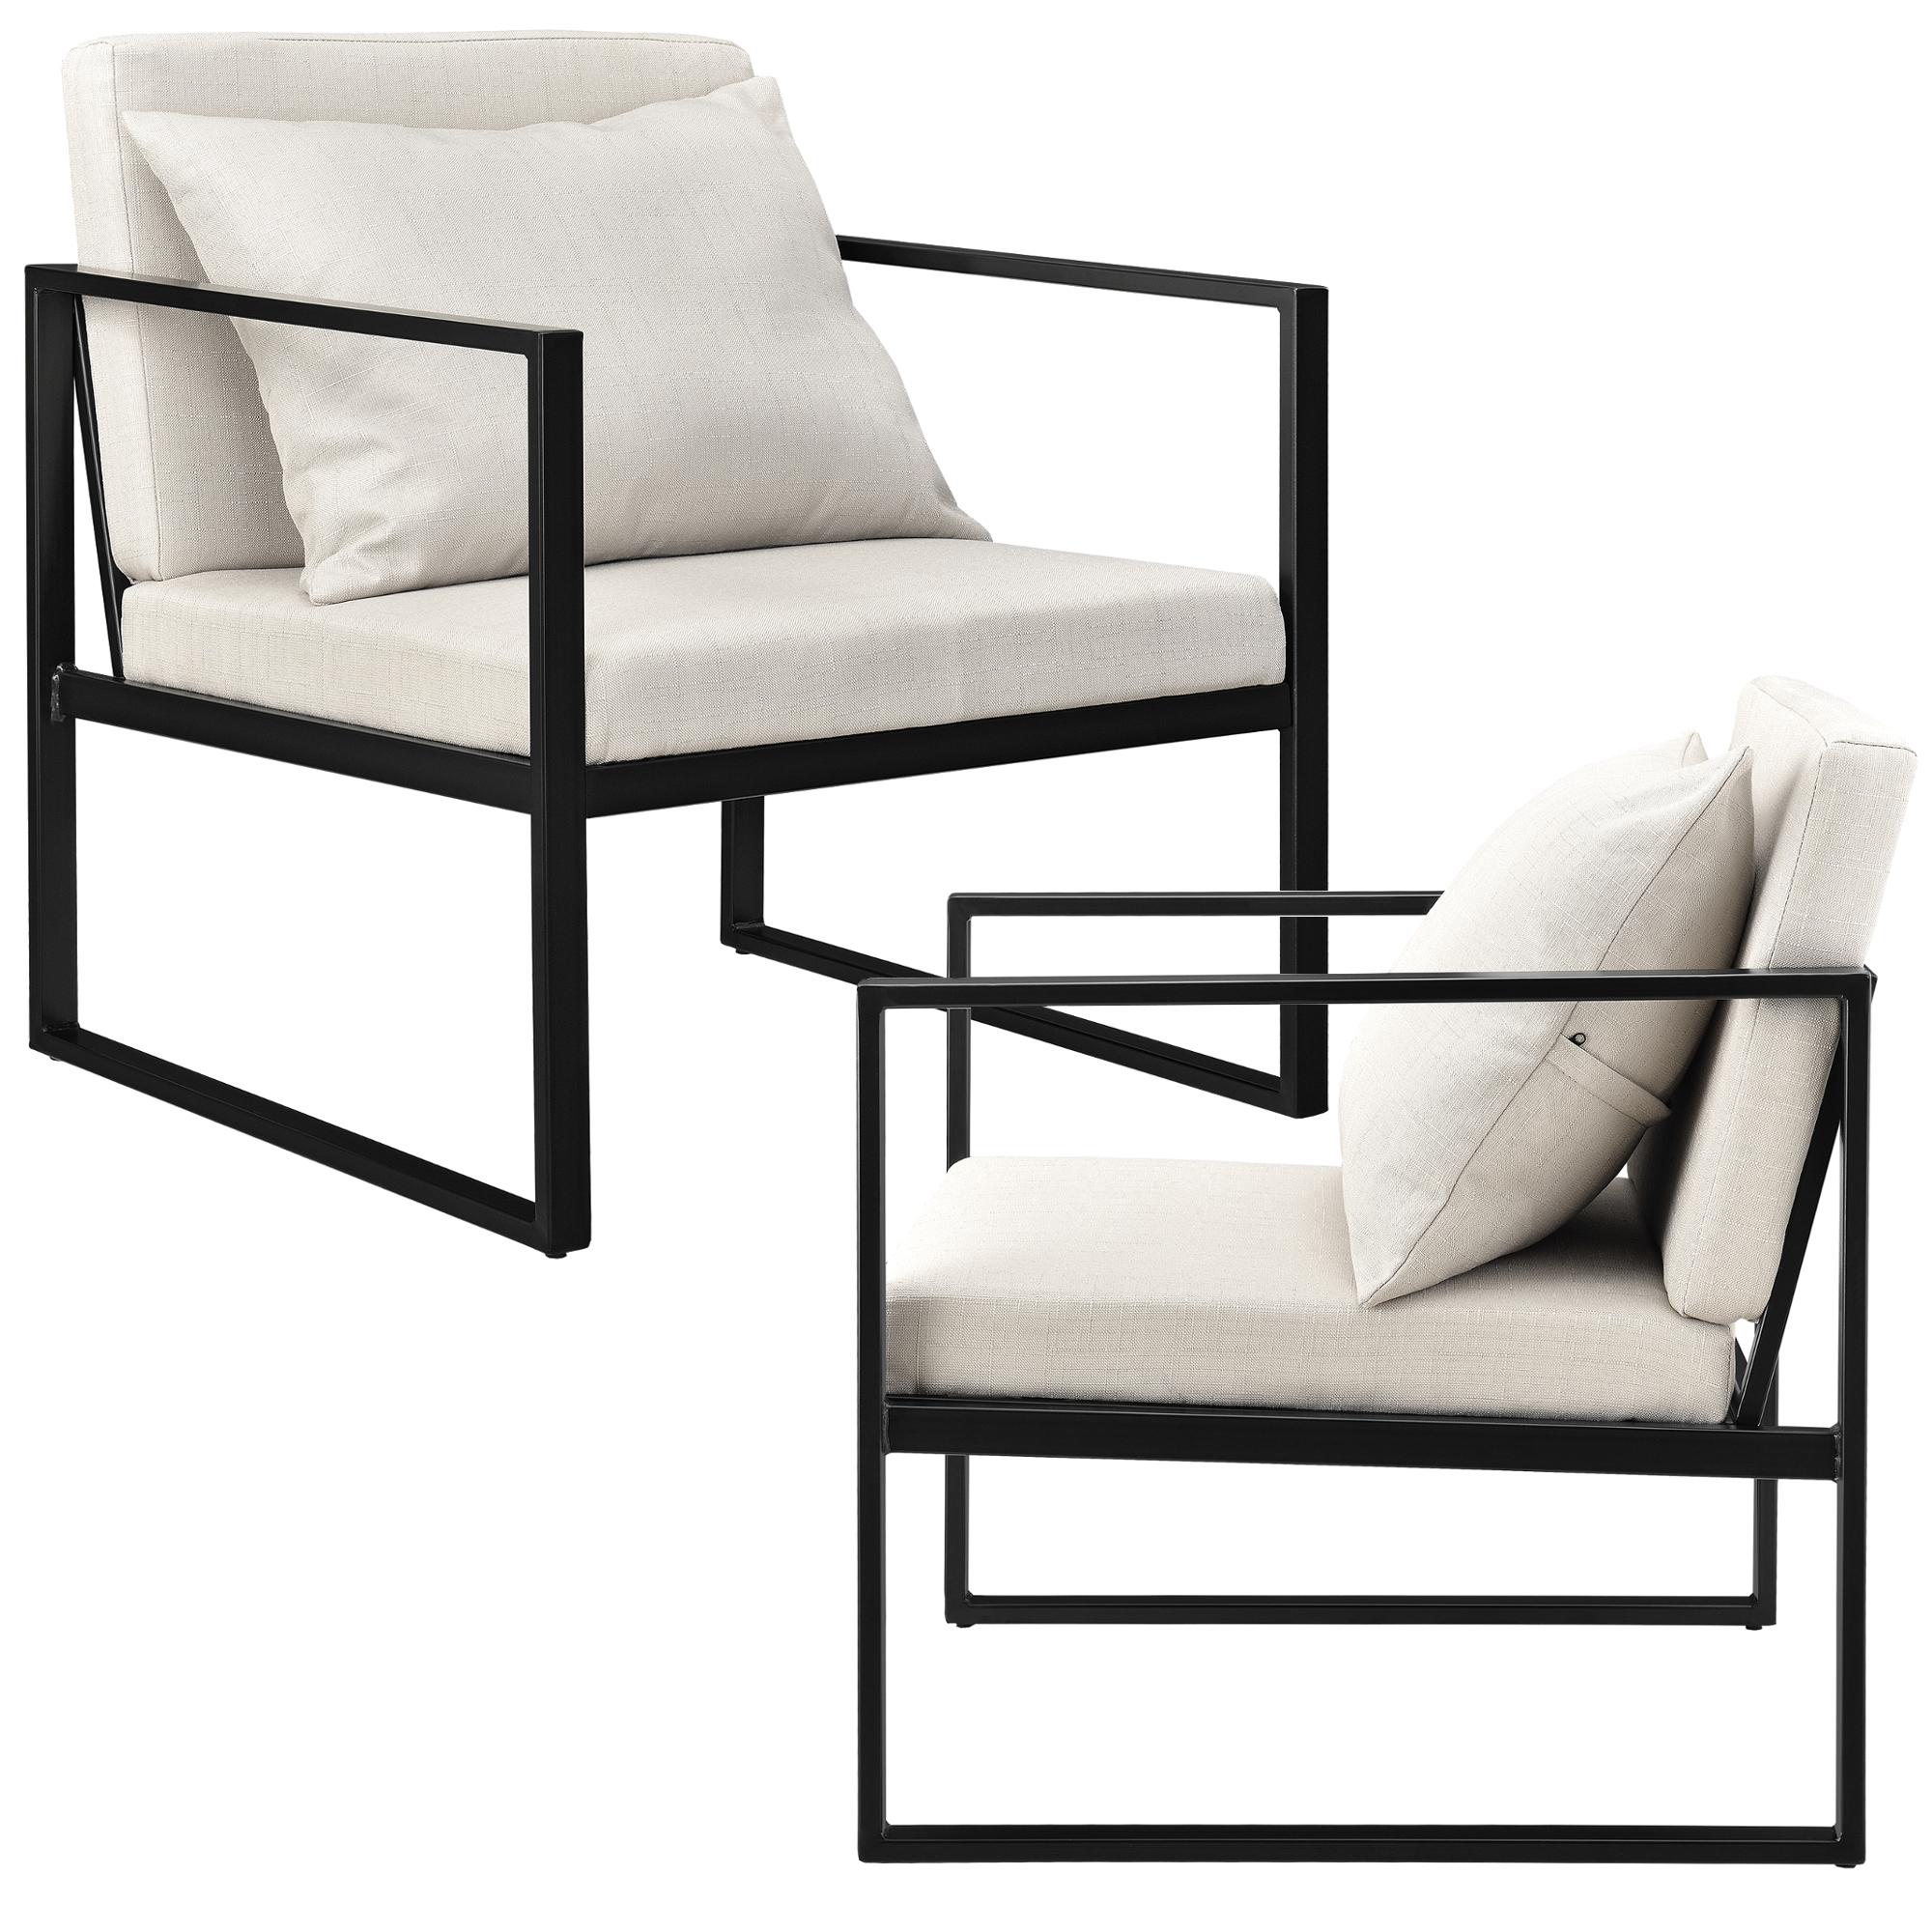 2x Design Lehnstuhl Relaxsessel Esszimmer Stuhl